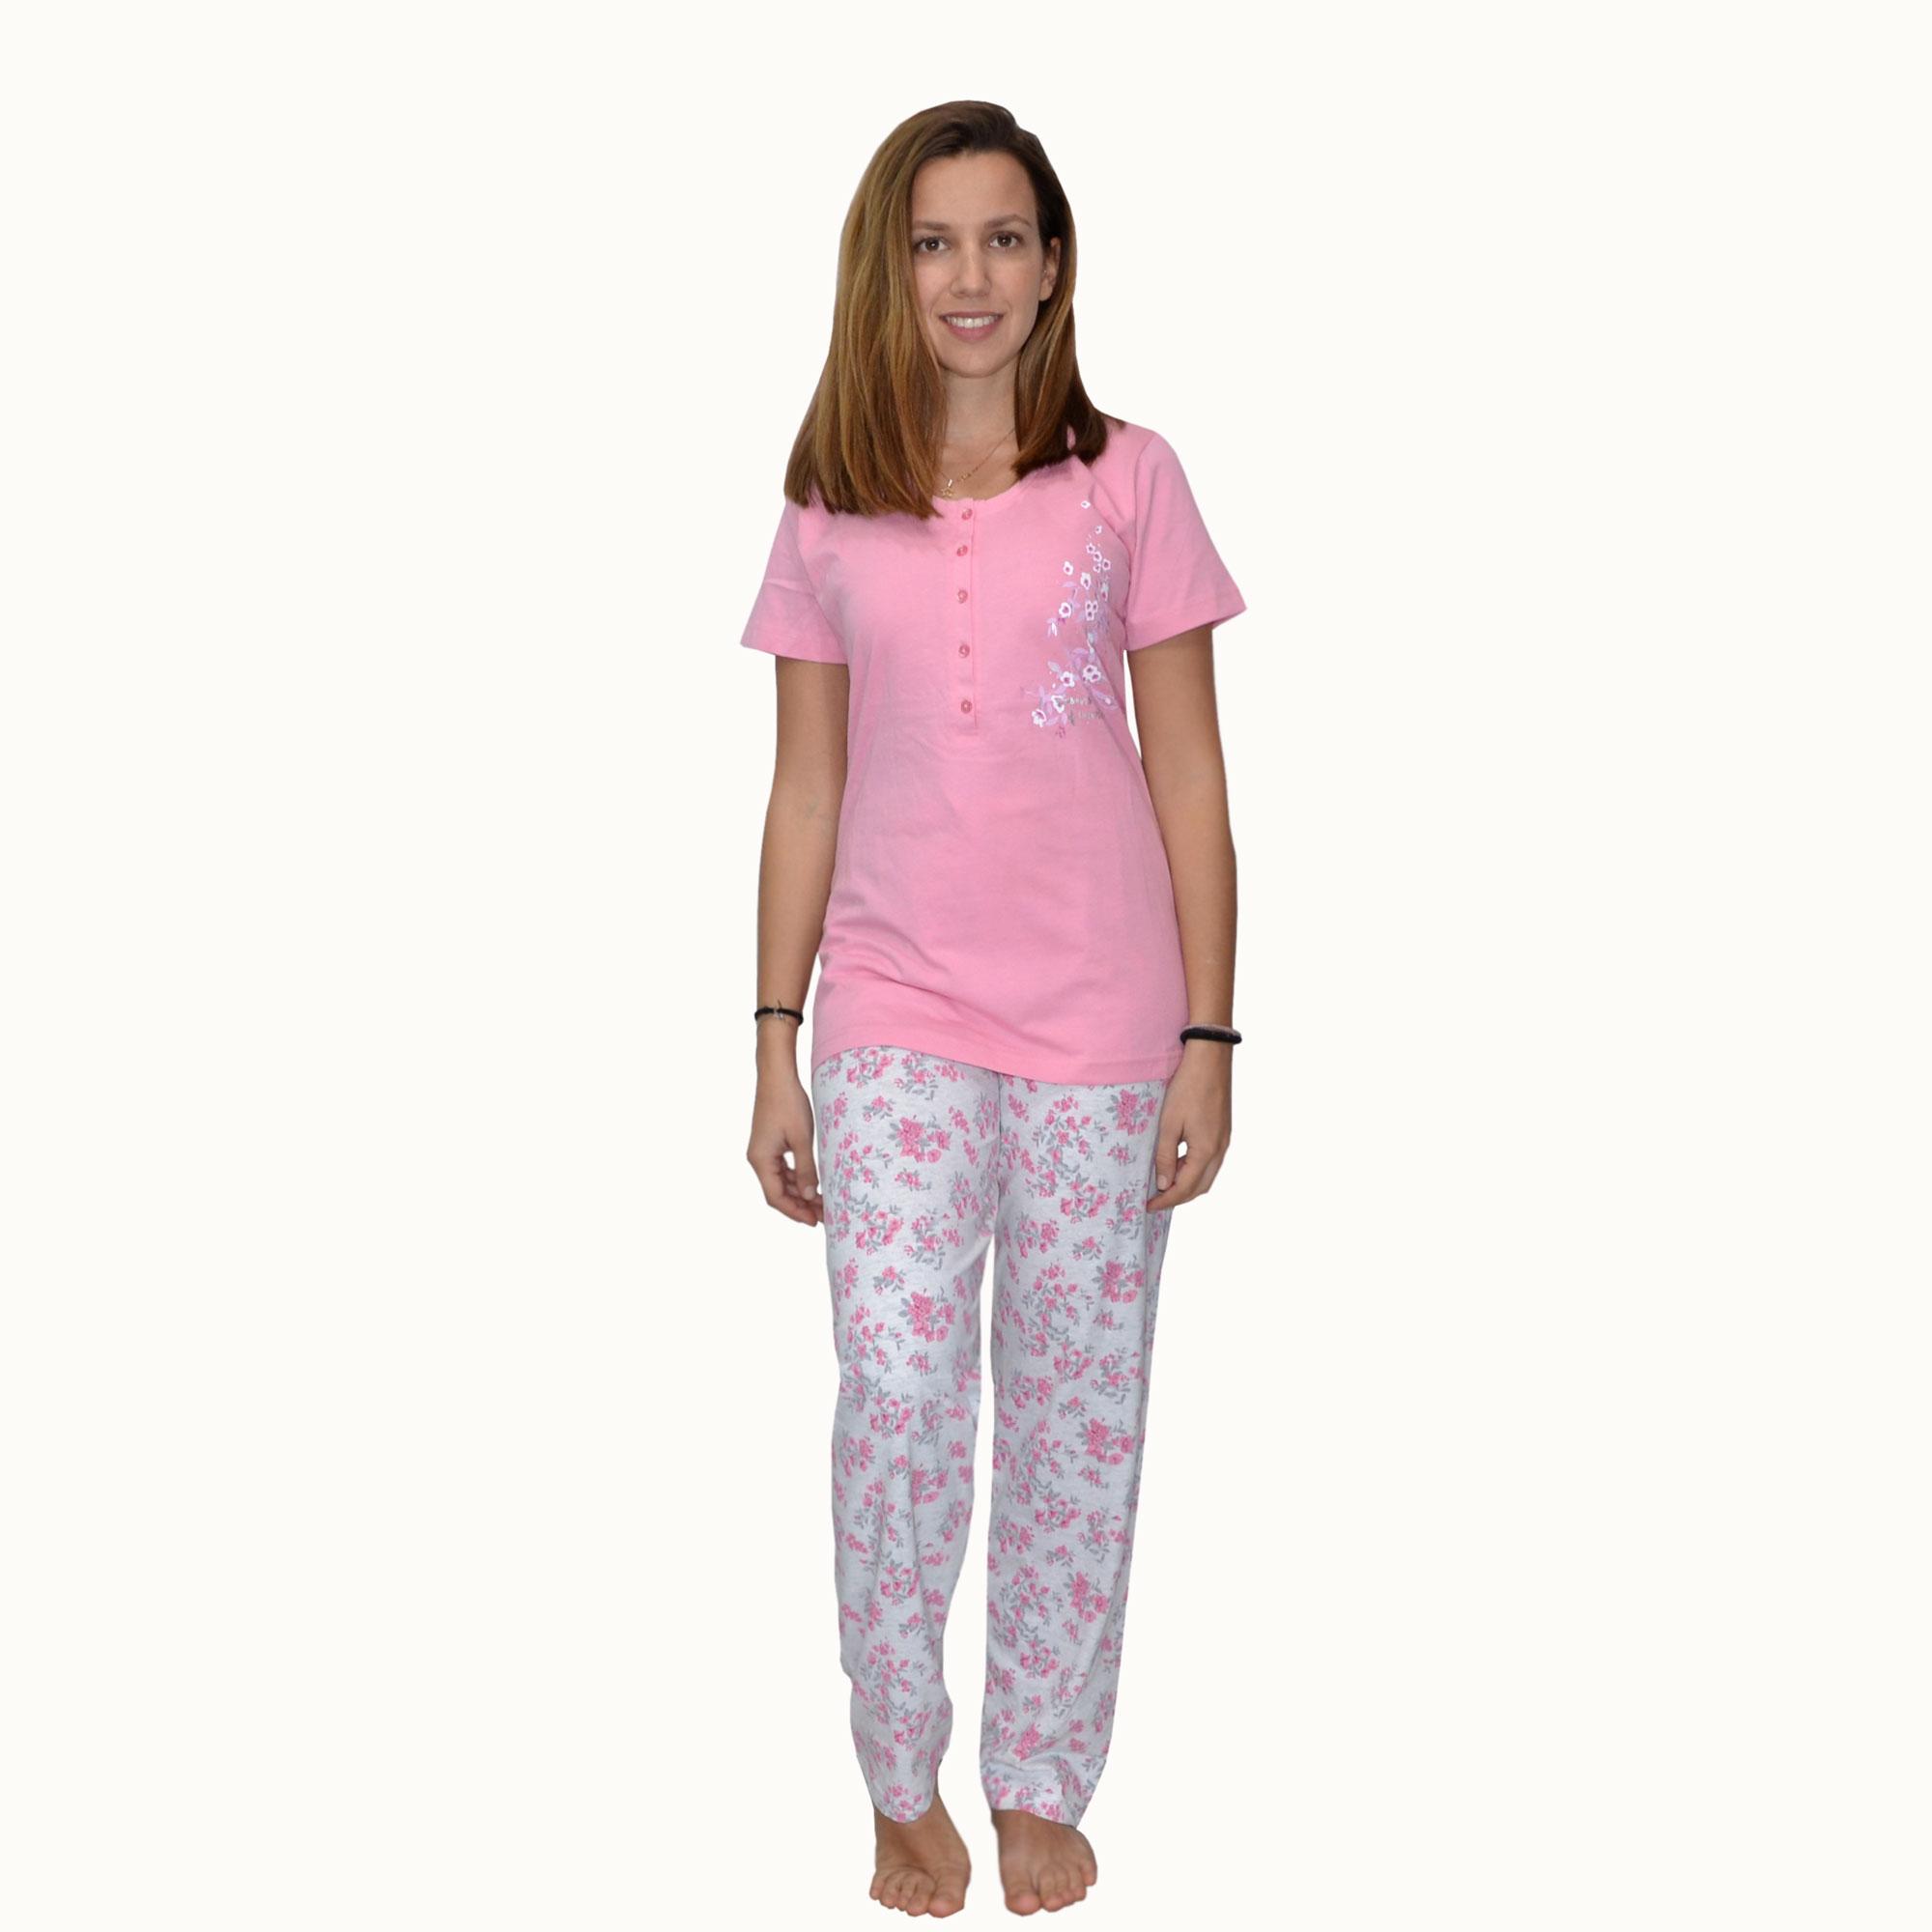 0d861cbaa29a Vienetta Πυτζάμα με Παντελόνι Κοντομάνικη σε Ροζ χρώμα